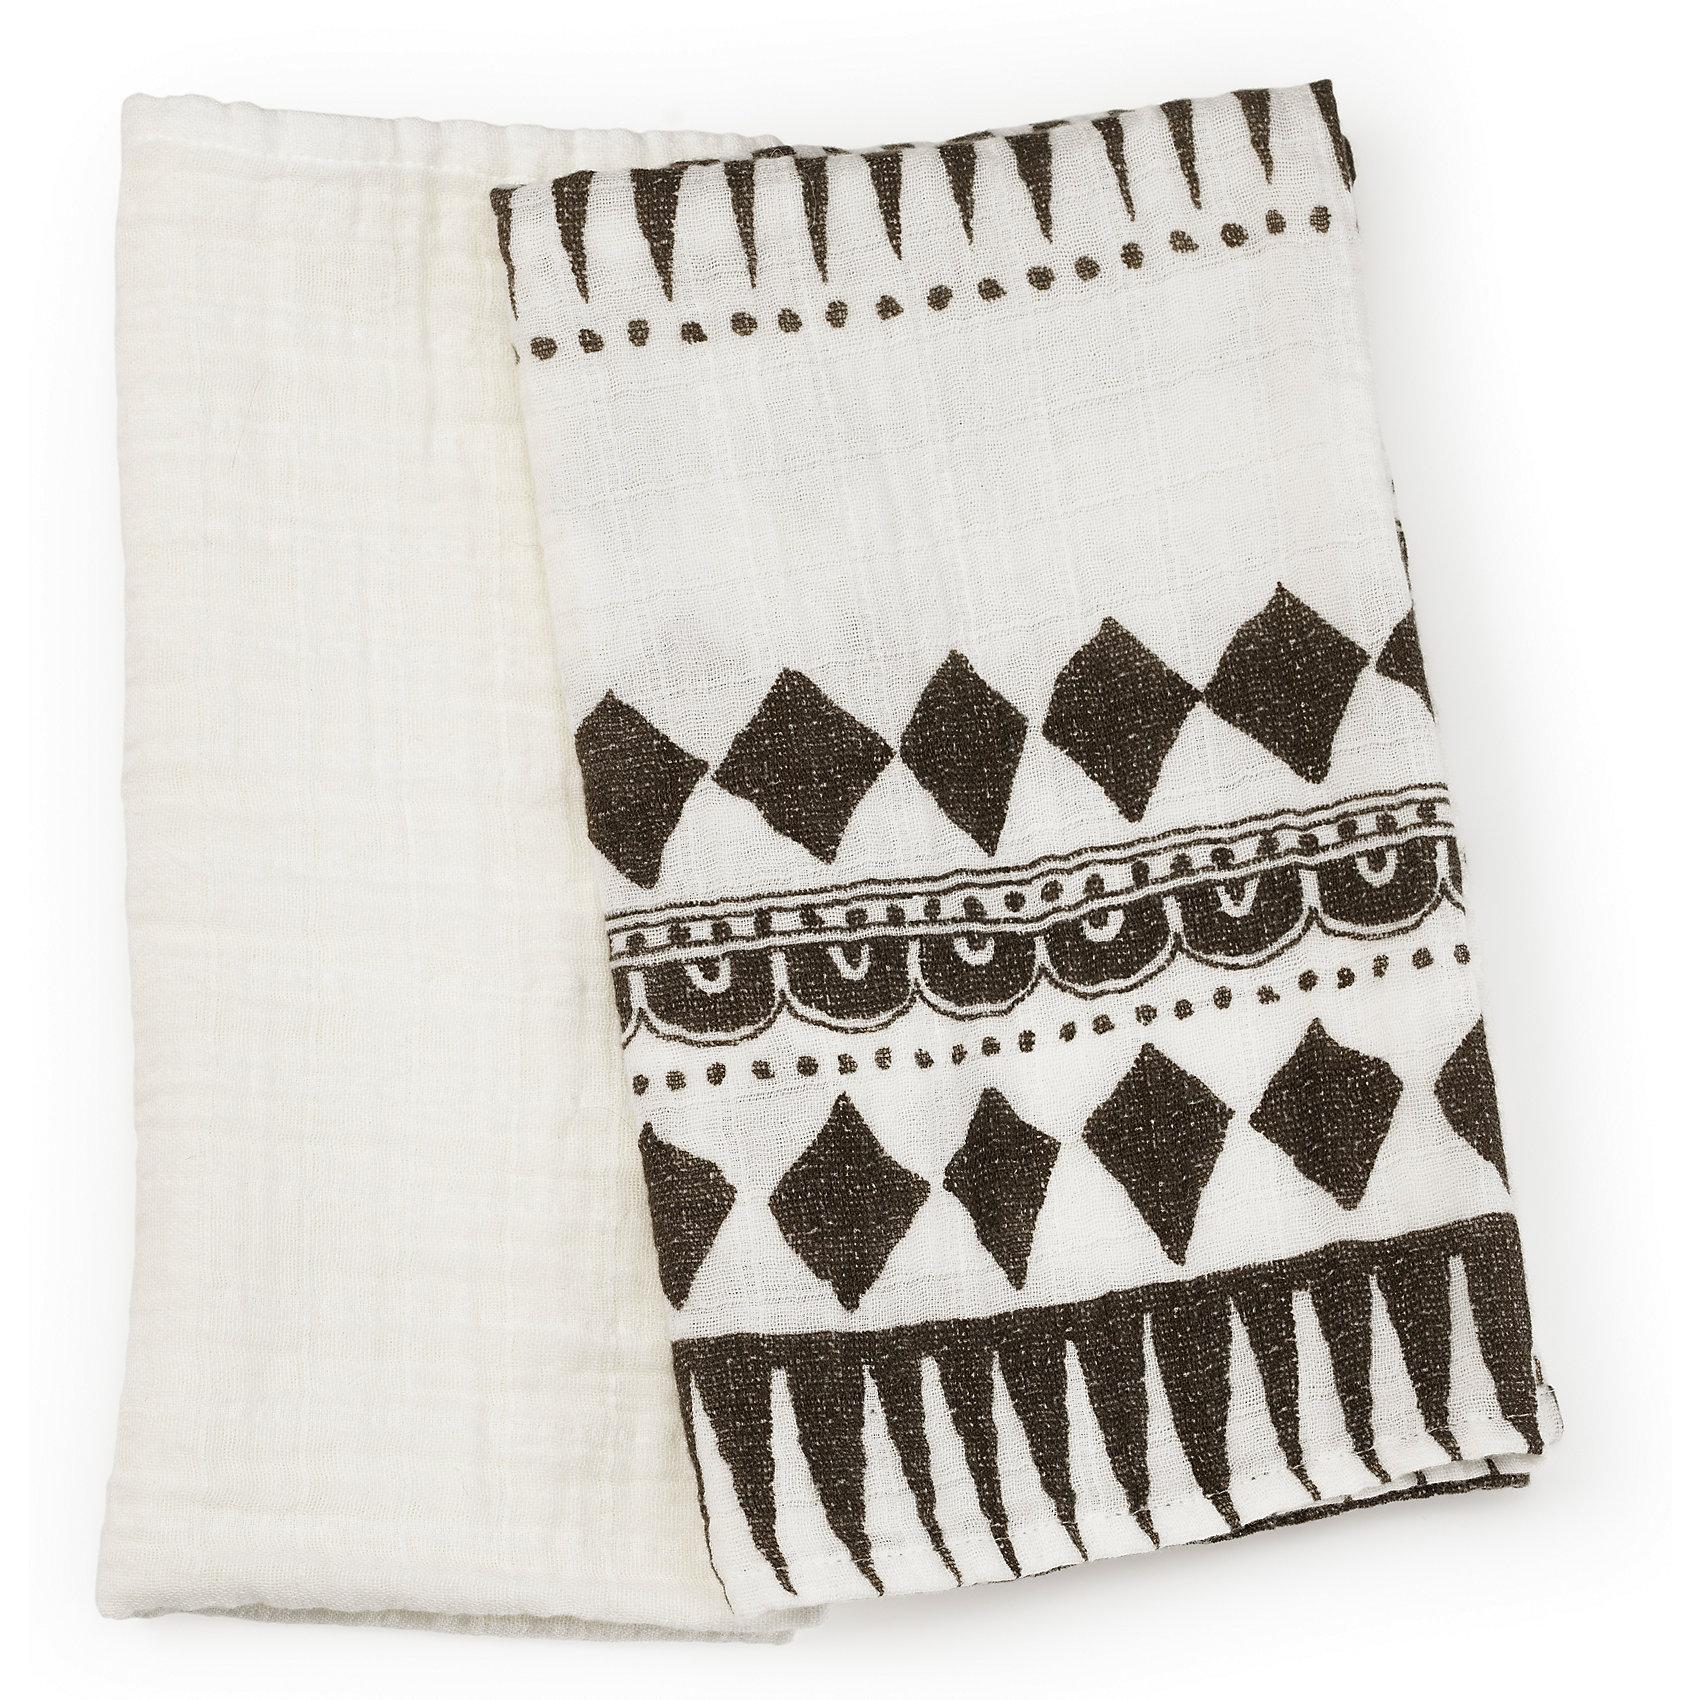 Плед Graphic Devotion, Elodie Details, бамбукПостельное бельё<br>ELODIE DETAILS пледы Graphic Devotion  Невесомые муслиновые пеленки незаменимы в теплое время года. Легкая двухслойная ткань из бамбукового волокна прекрасно пропускает воздух, позволяя коже ребенка дышать, и впитывает лишнюю влагу. Пеленки можно использовать ;в качестве легкого летнего пледа - дома и на прогулке, ;- а также накрывать коляску от прямых солнечных лучей.;  - размер: 78х78 см; - состав: 70% бамбуковое волокно, 30% хлопок;<br><br>Ширина мм: 200<br>Глубина мм: 25<br>Высота мм: 430<br>Вес г: 185<br>Возраст от месяцев: 0<br>Возраст до месяцев: 12<br>Пол: Унисекс<br>Возраст: Детский<br>SKU: 5613542